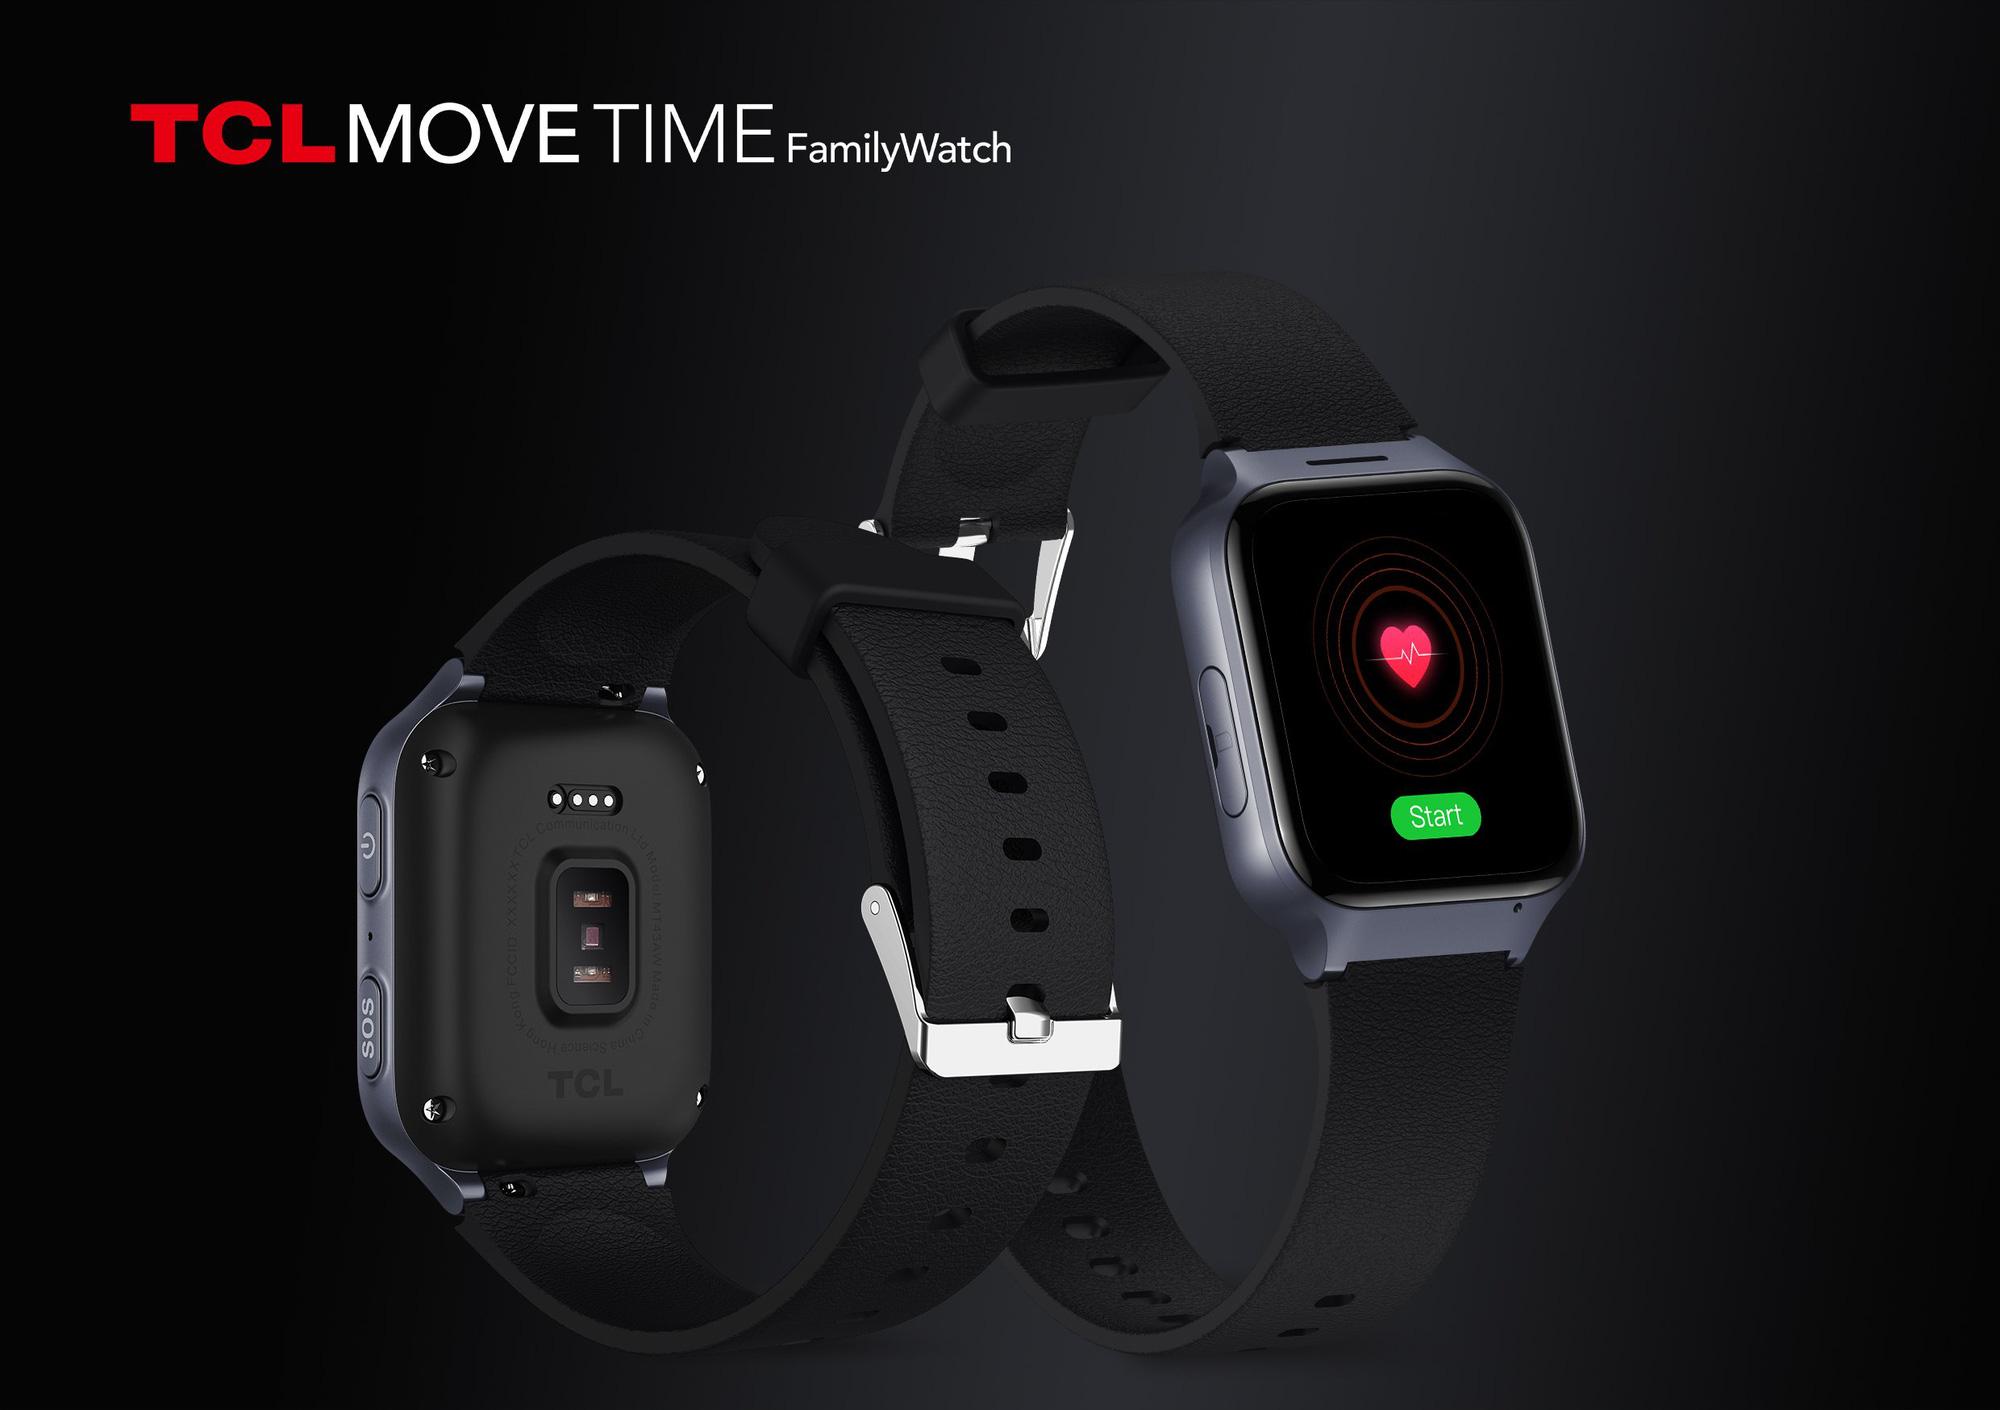 Hãng TCL tung dòng đồng hồ thông minh cho người già, tính năng độc đáo - Ảnh 2.